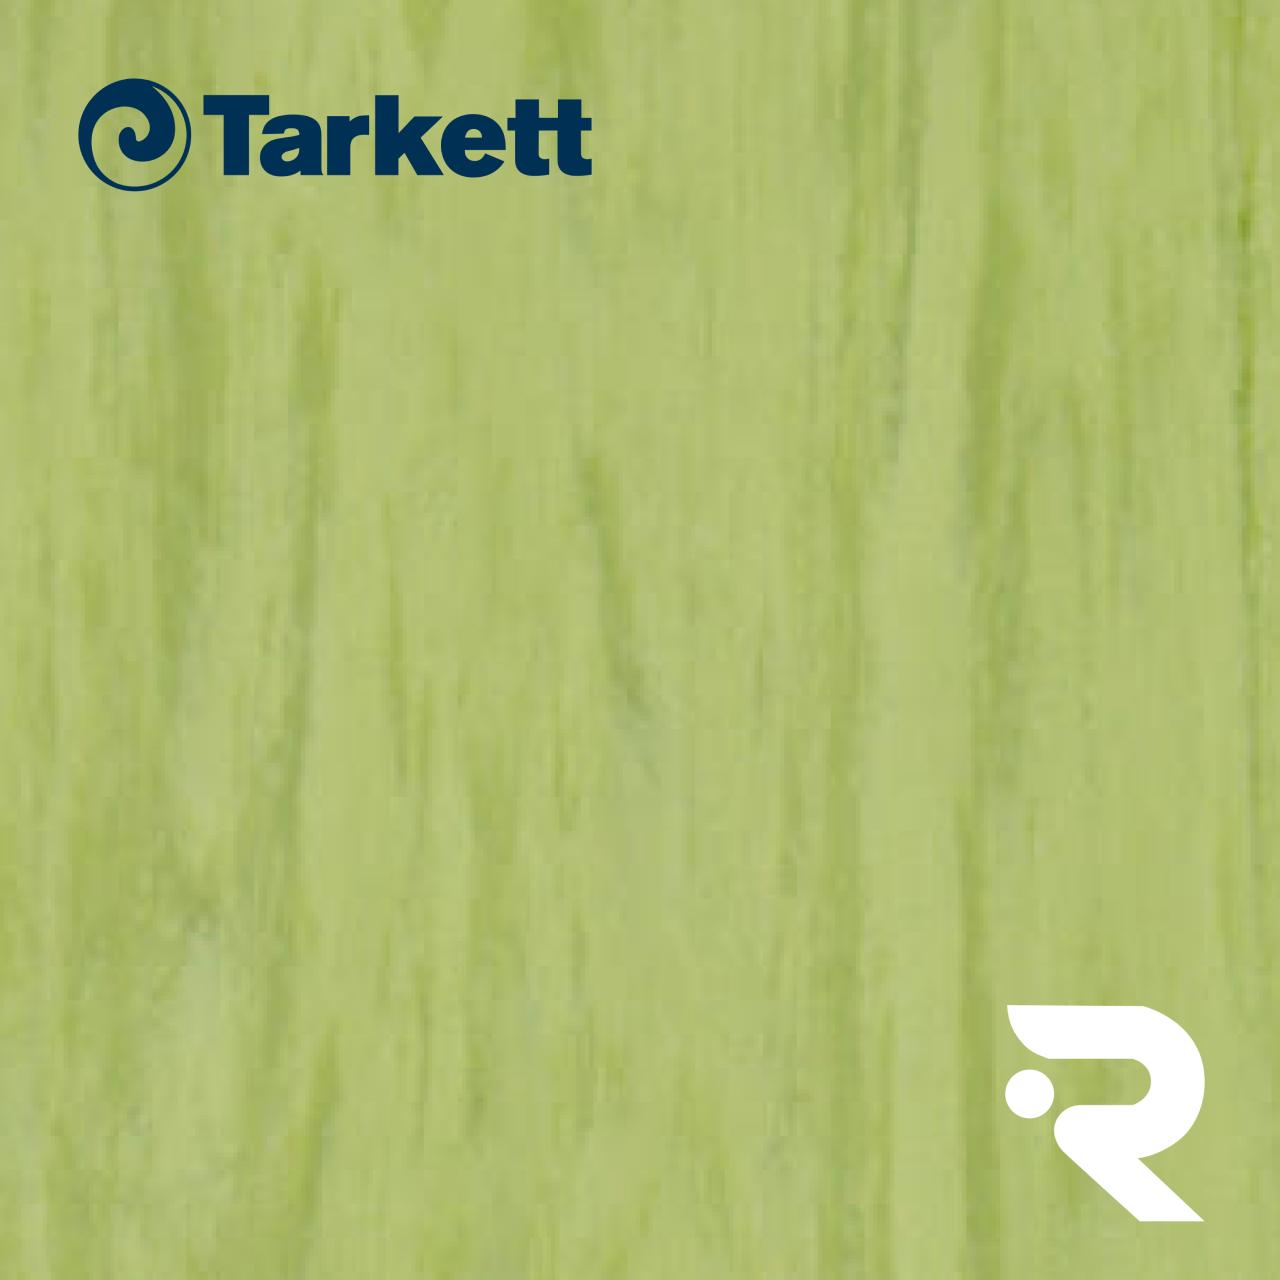 🏫 Гомогенний лінолеум Tarkett | Standard LIME 0922 | Standard Plus 2.0 mm | 2 х 23 м